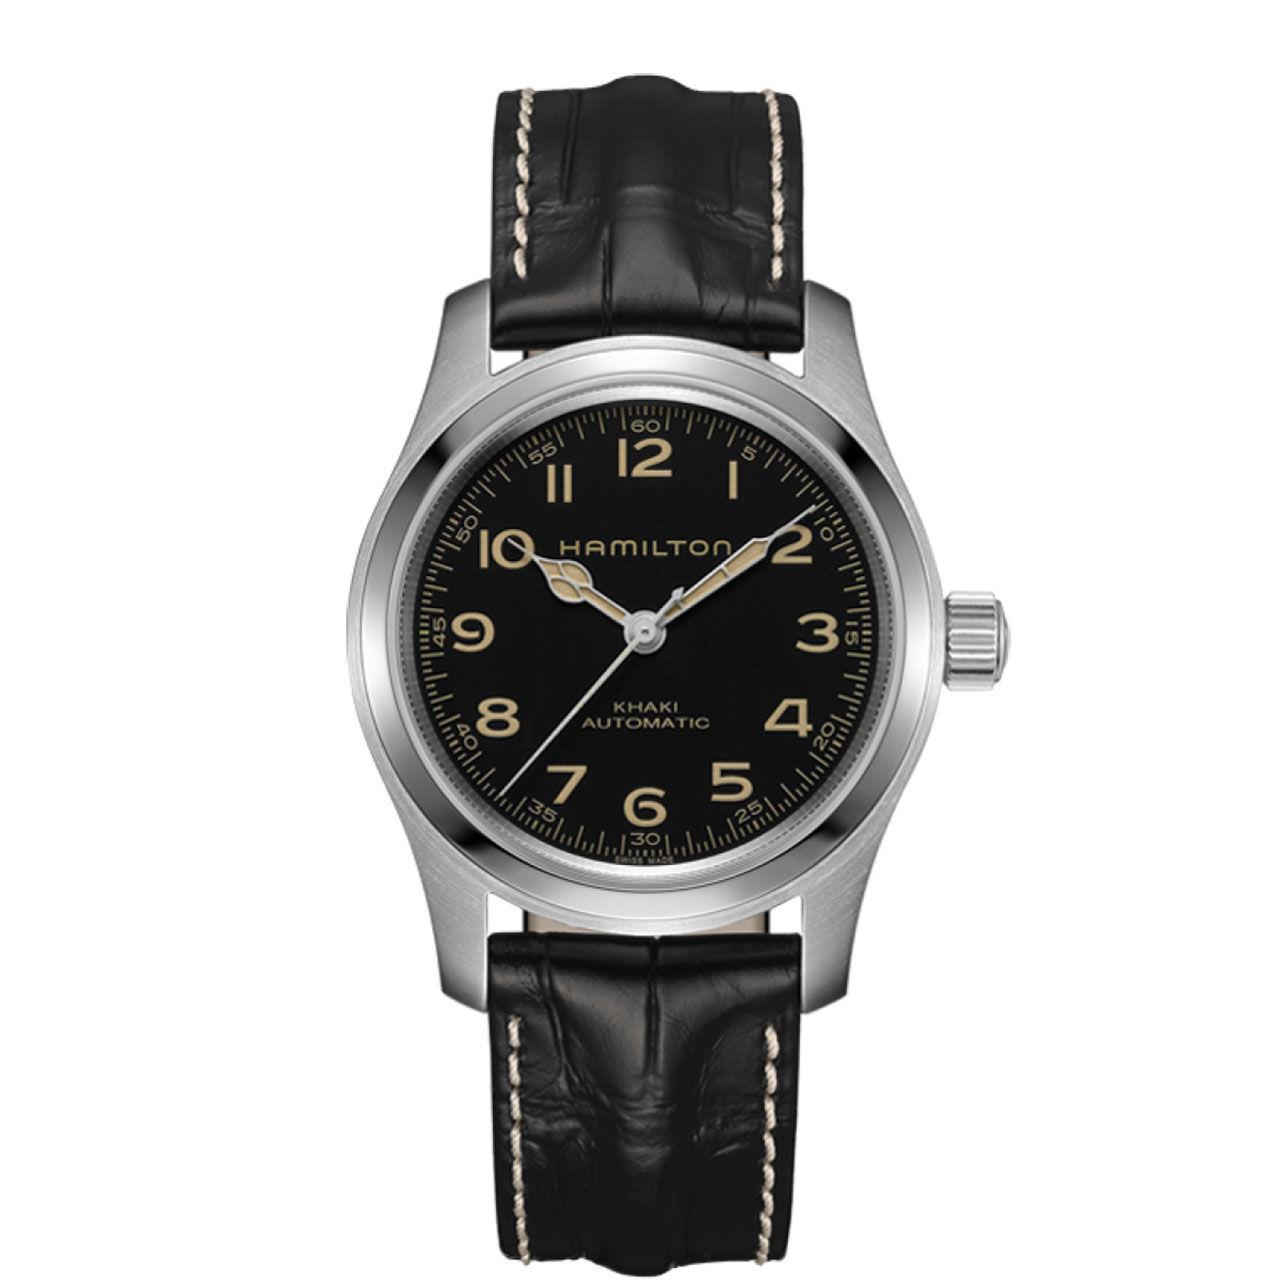 Nu kan du köpa klockan från filmen Interstellar